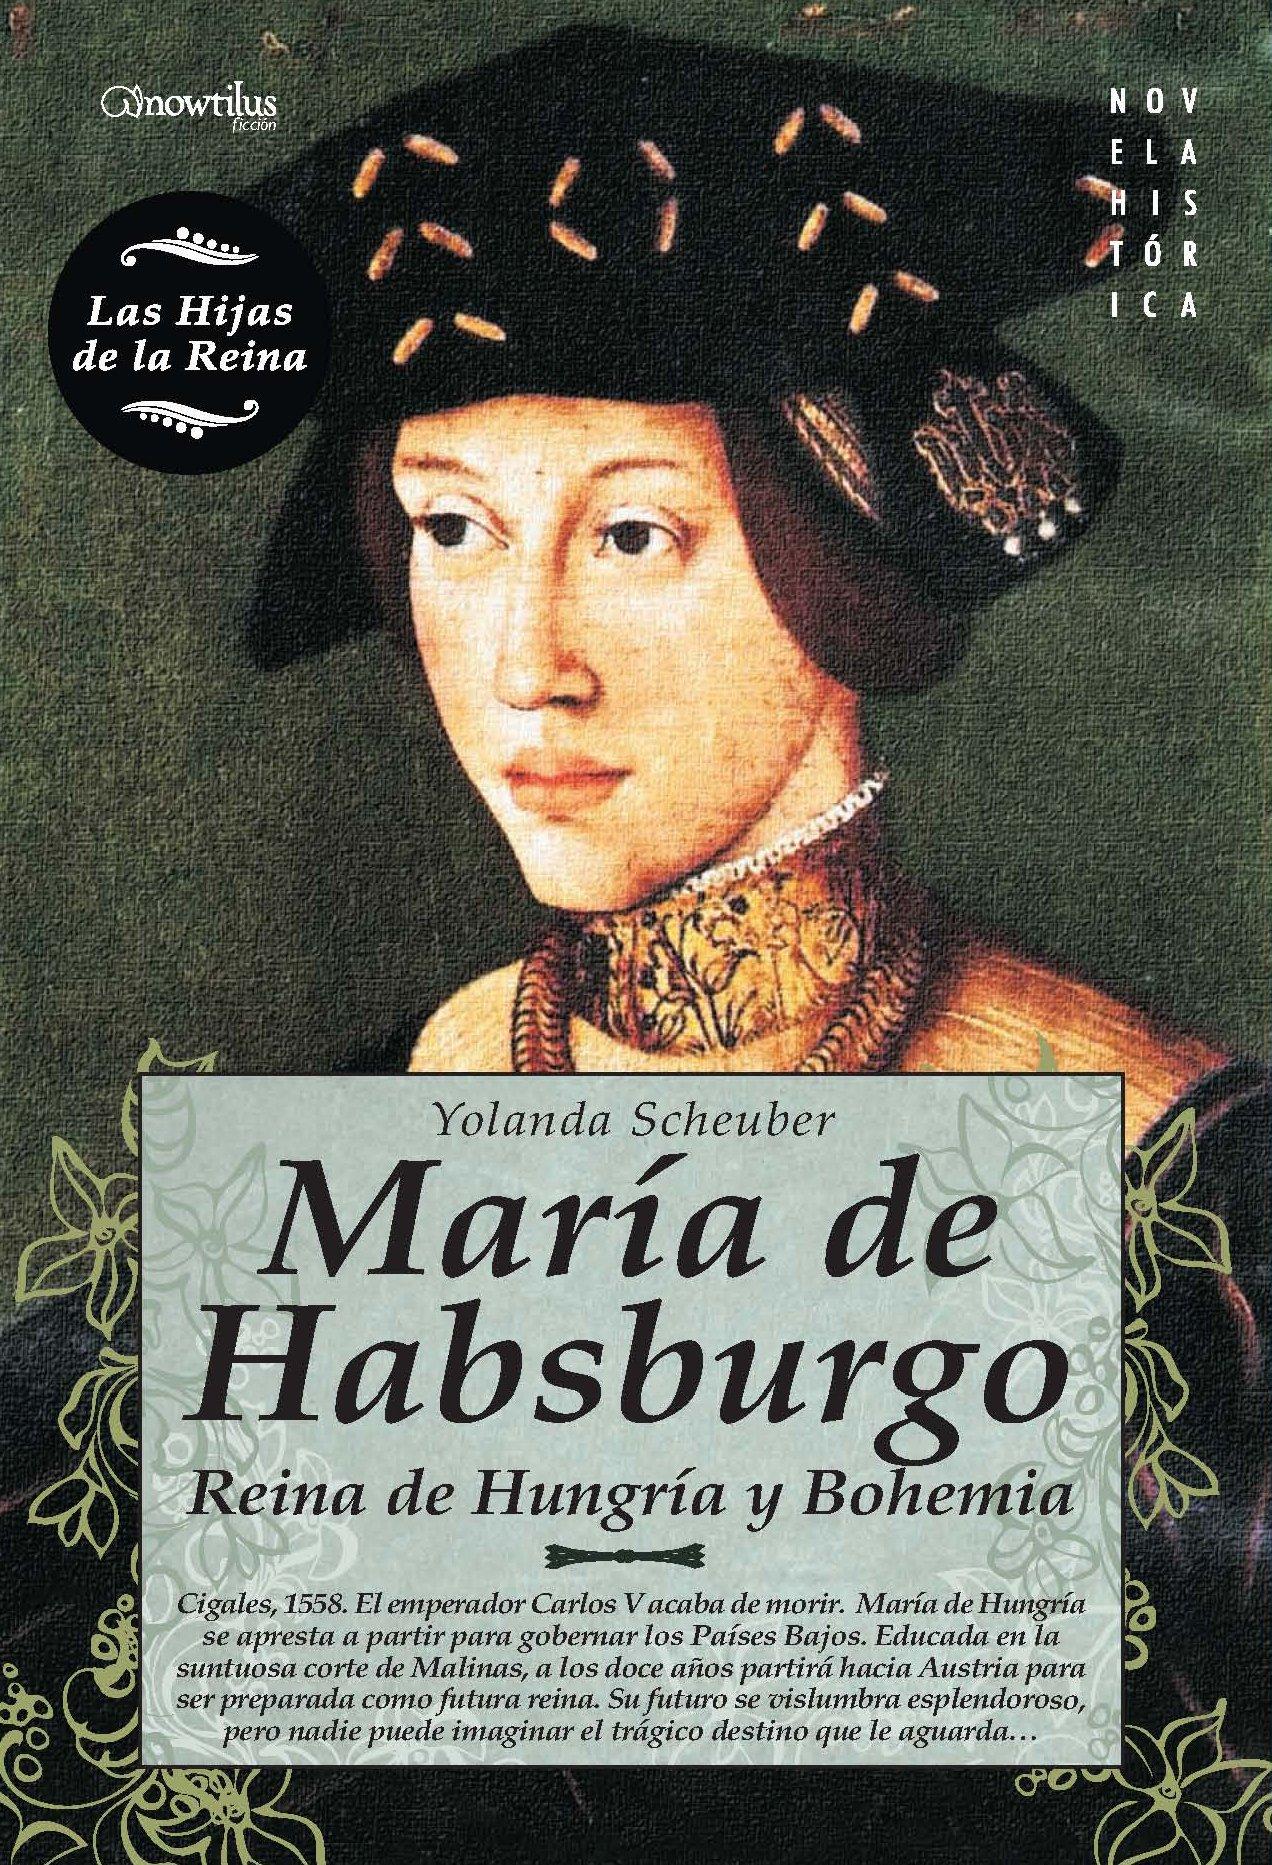 María de Habsburgo: Reina de Hungría y Bohemia (Novela Histórica) Tapa blanda – 1 mar 2011 Yolanda Scheuber de Lovaglio Ediciones Nowtilus 8497639871 Biographical